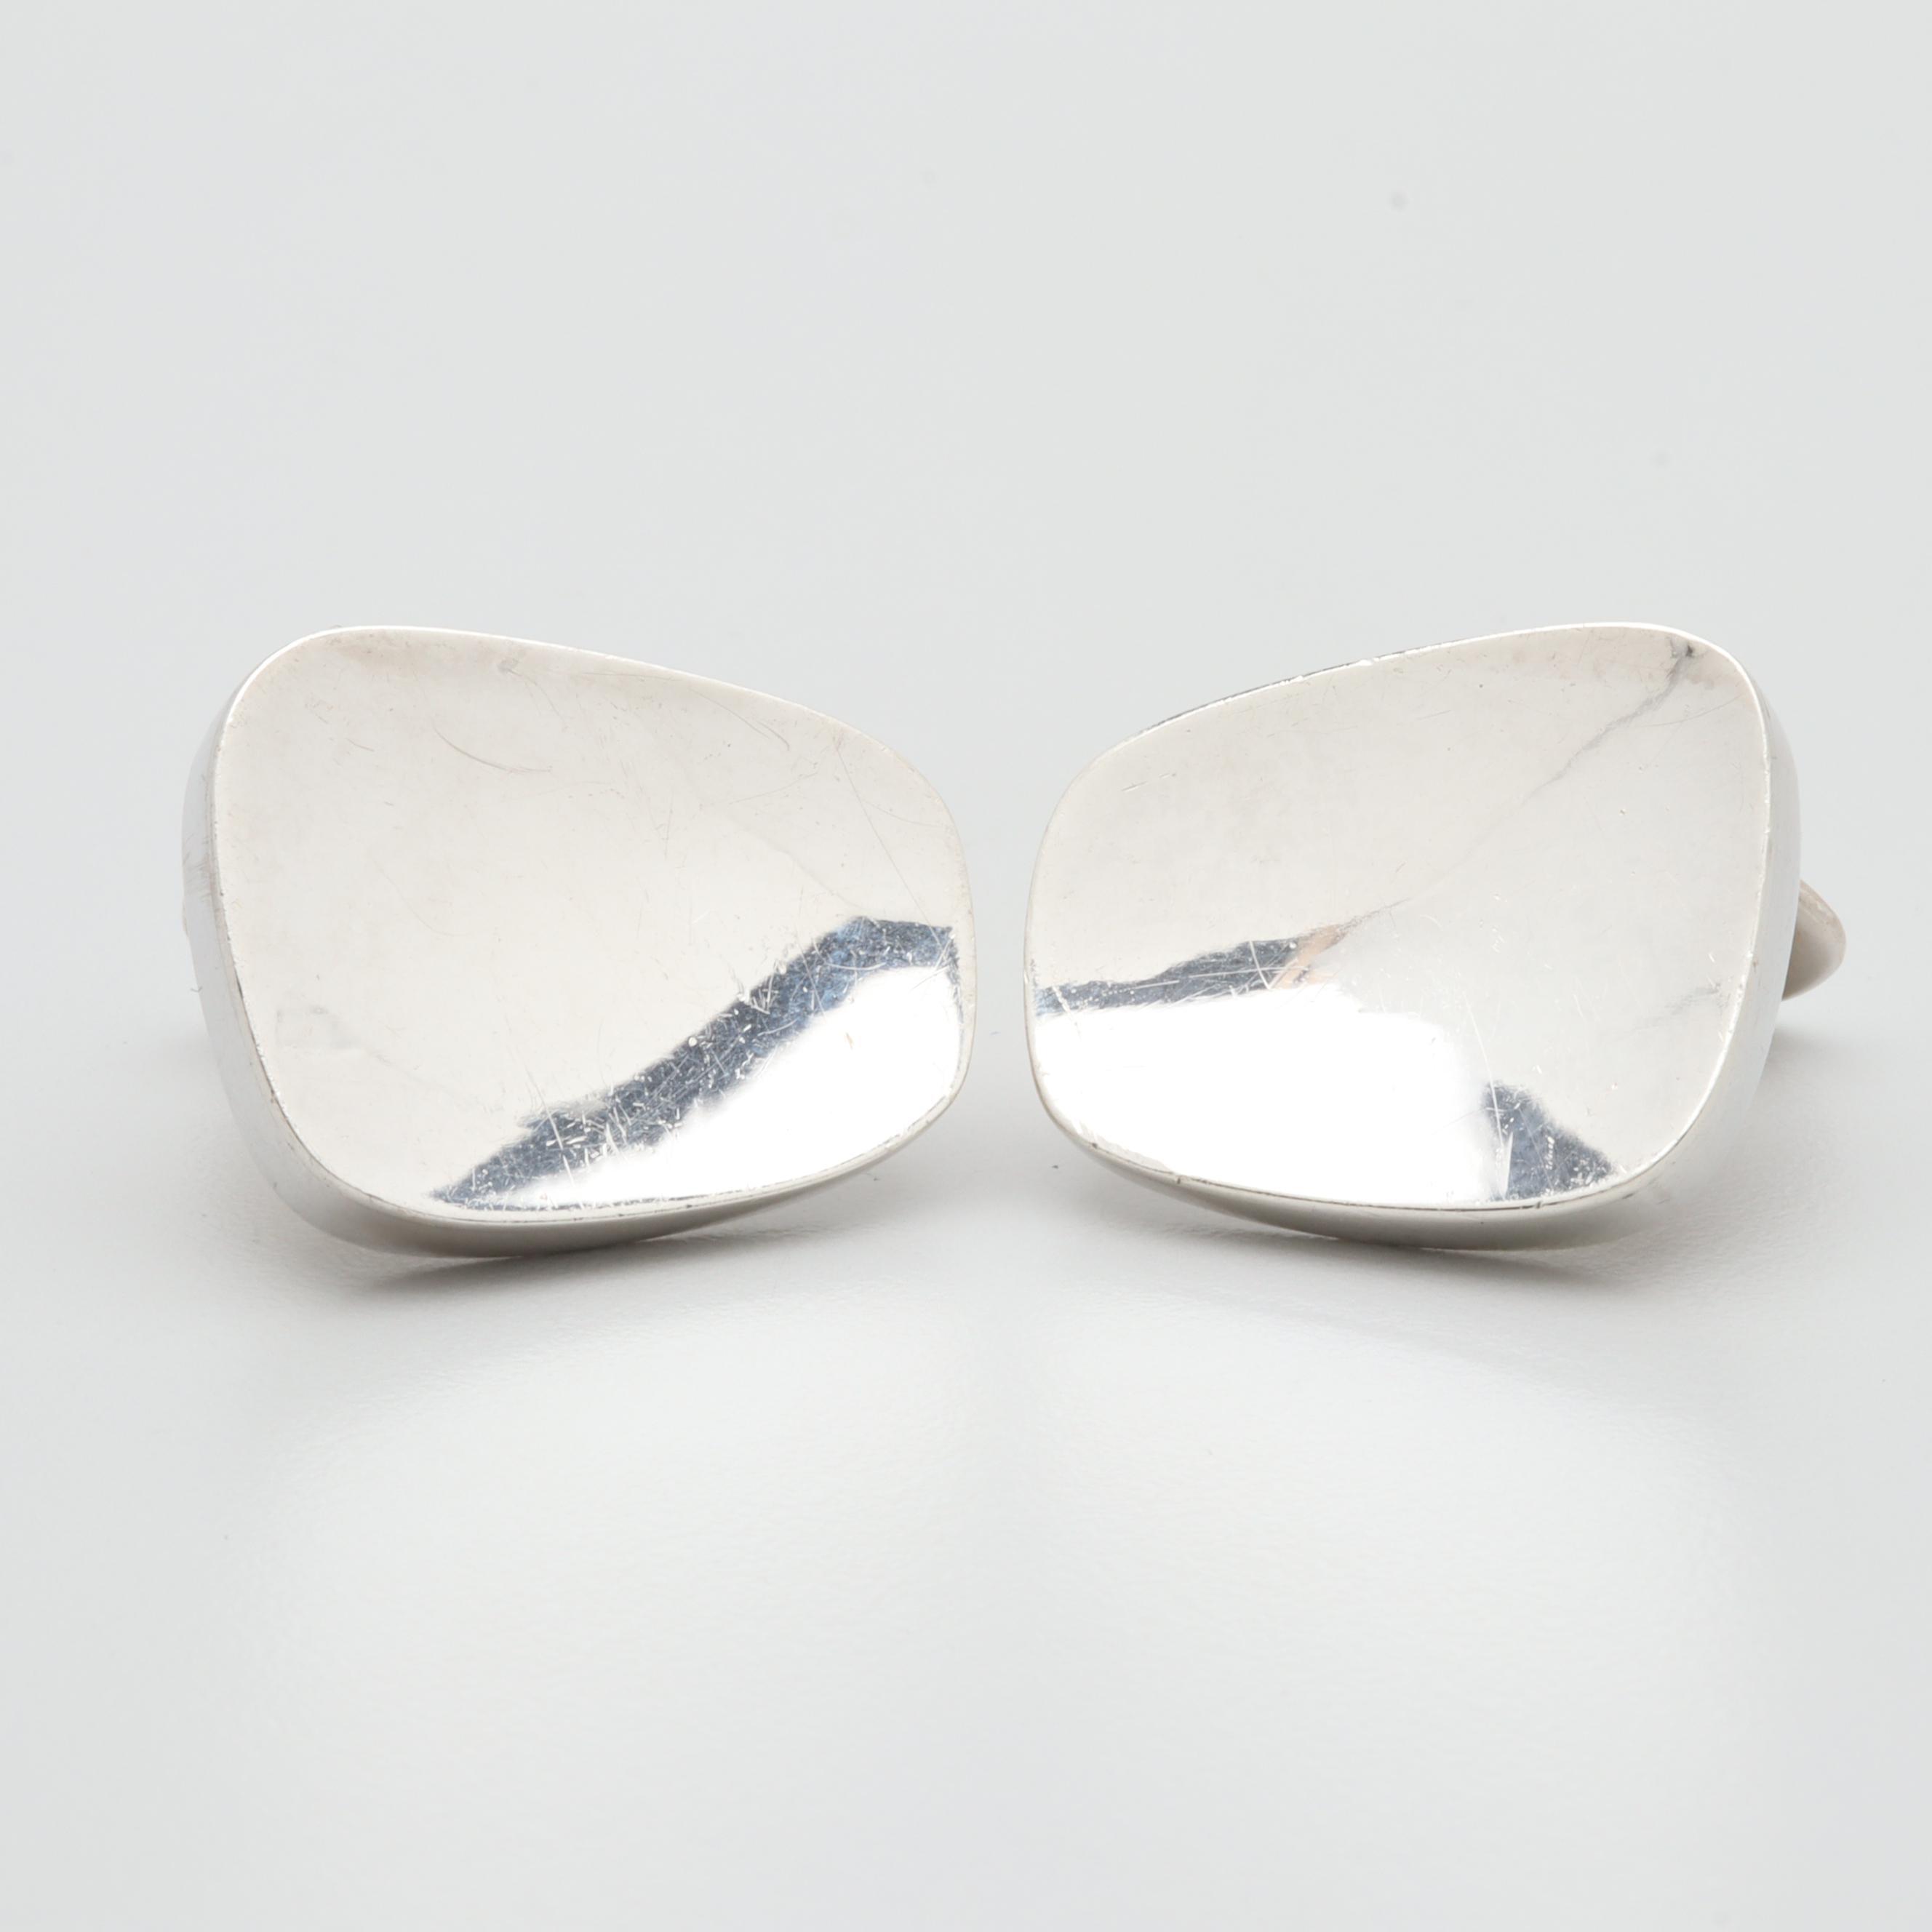 Modernist Scandinavian Brodrene Bjorklund Sterling Silver Cufflinks